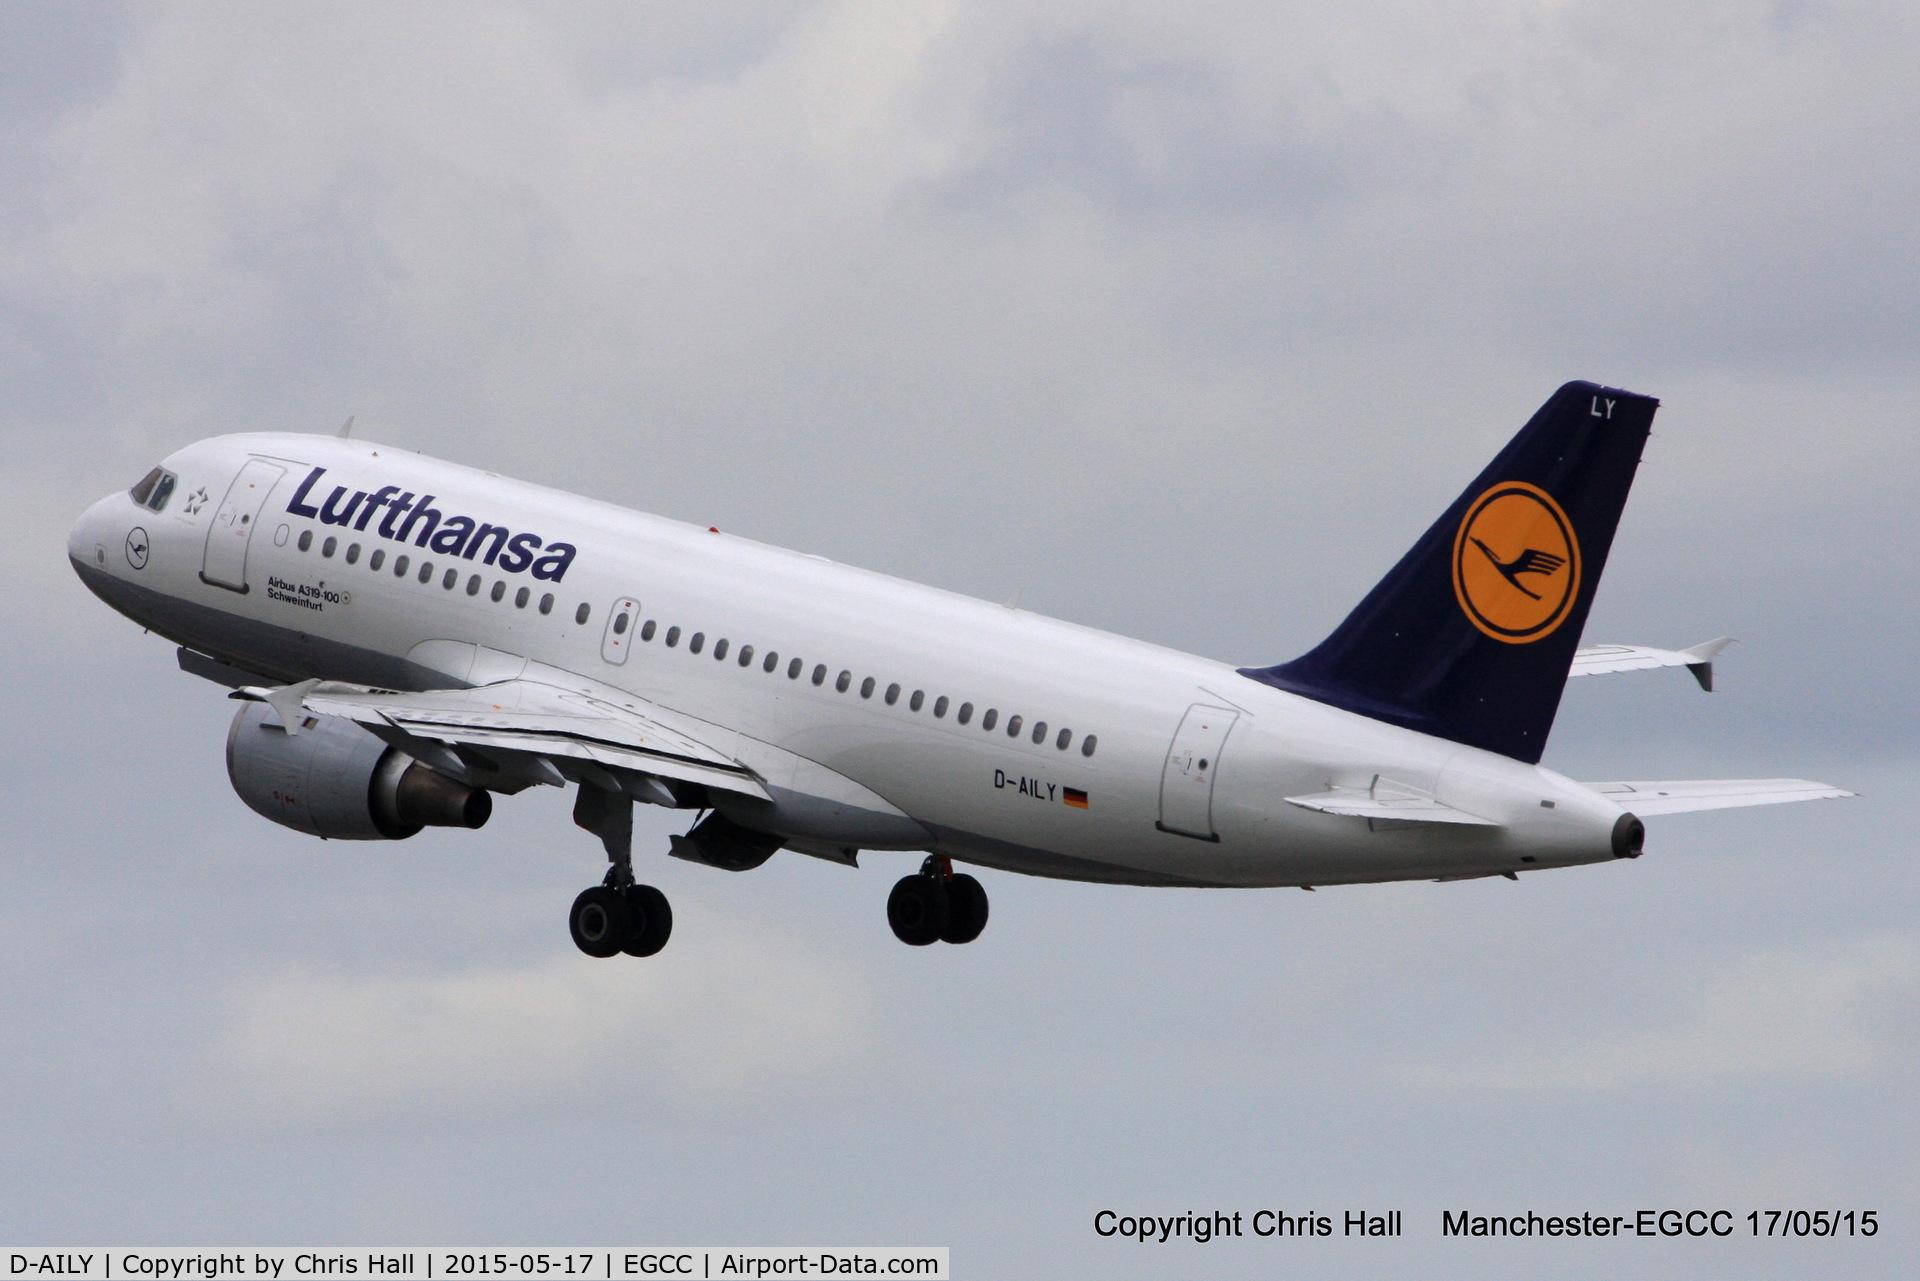 D-AILY, 1998 Airbus A319-114 C/N 875, Lufthansa